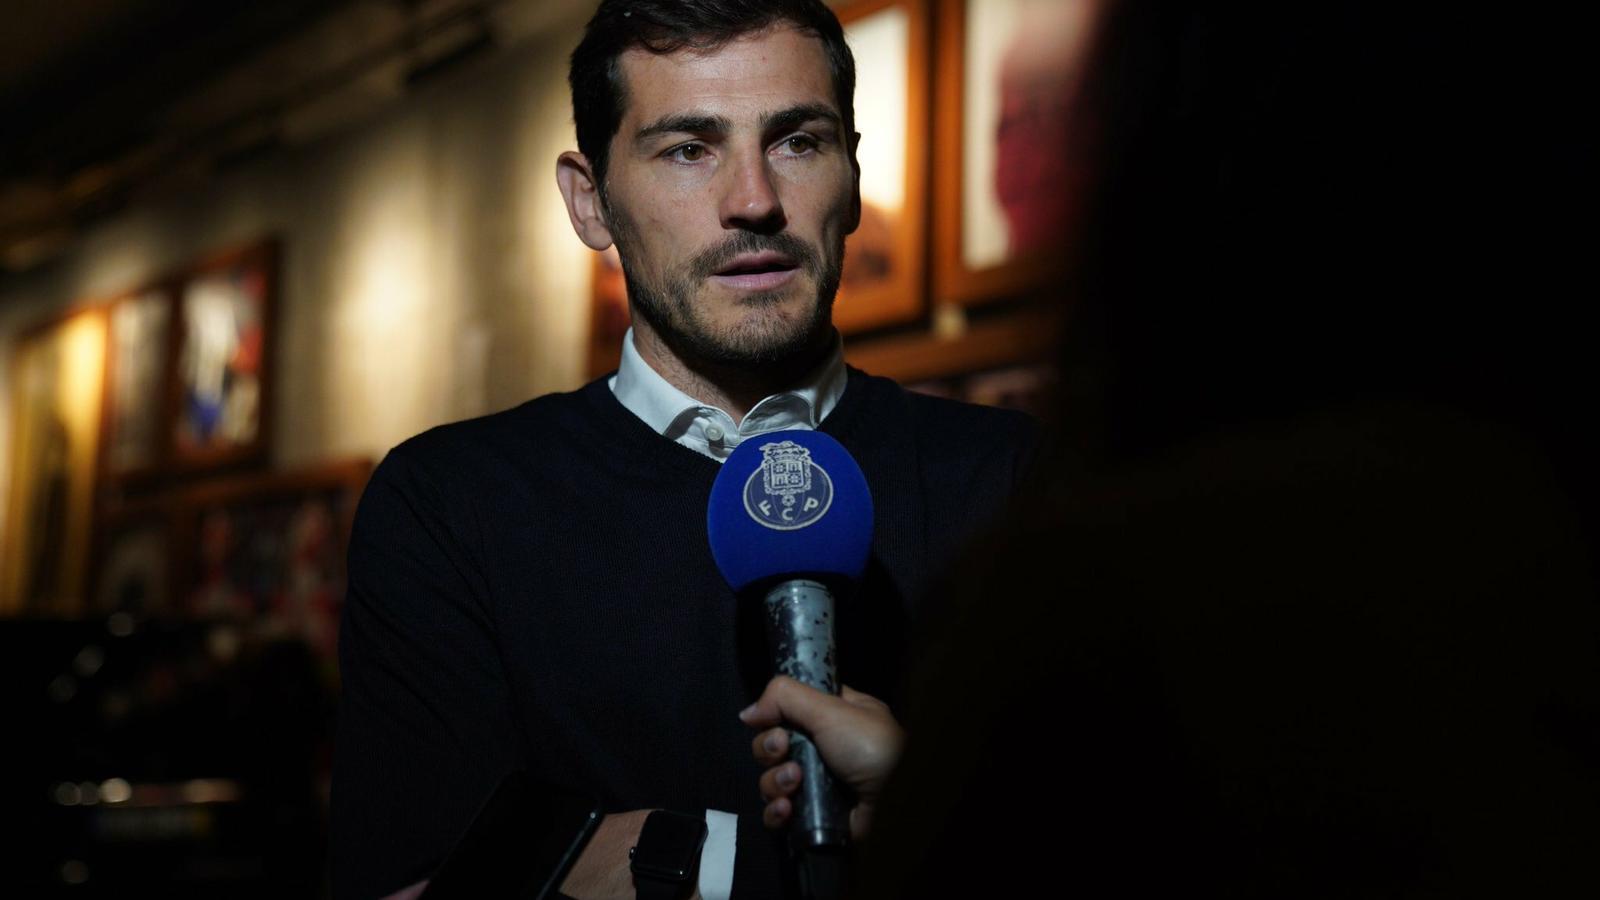 Tebas vol que Iker Casillas competeixi amb Rubiales per la presidència de la Federació Espanyola de Futbol